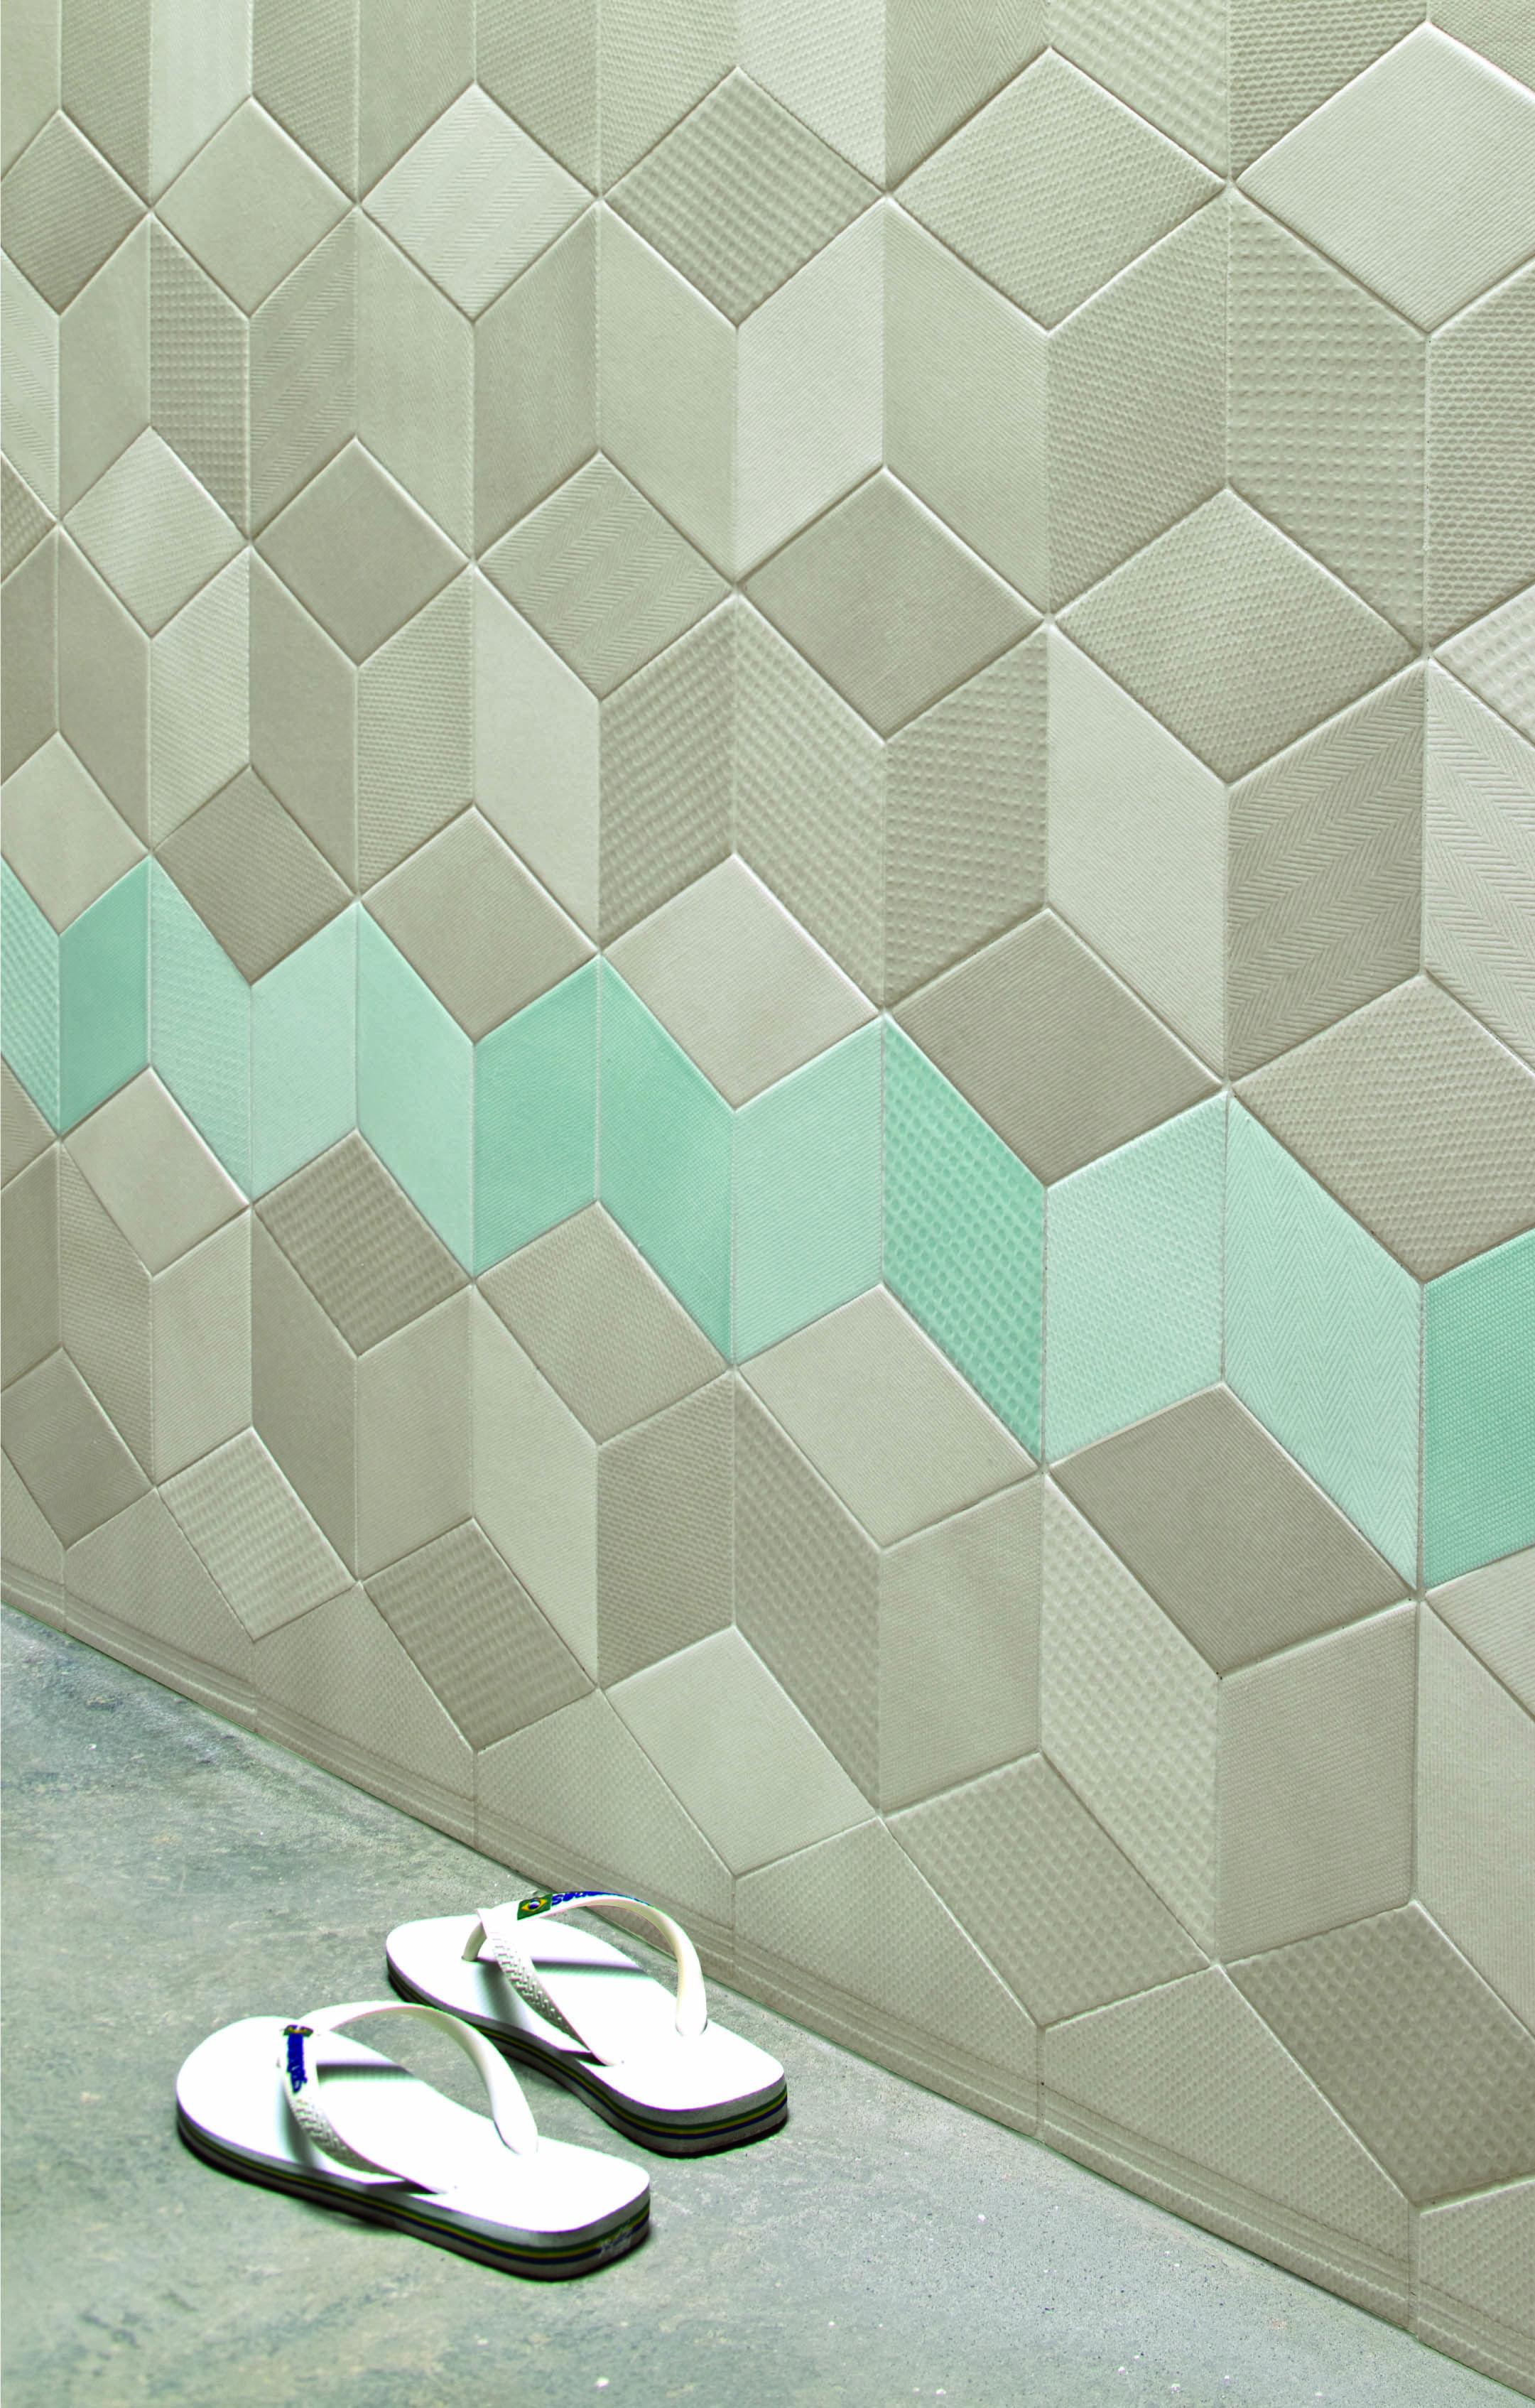 Badezimmerdesign bangladesch mutina